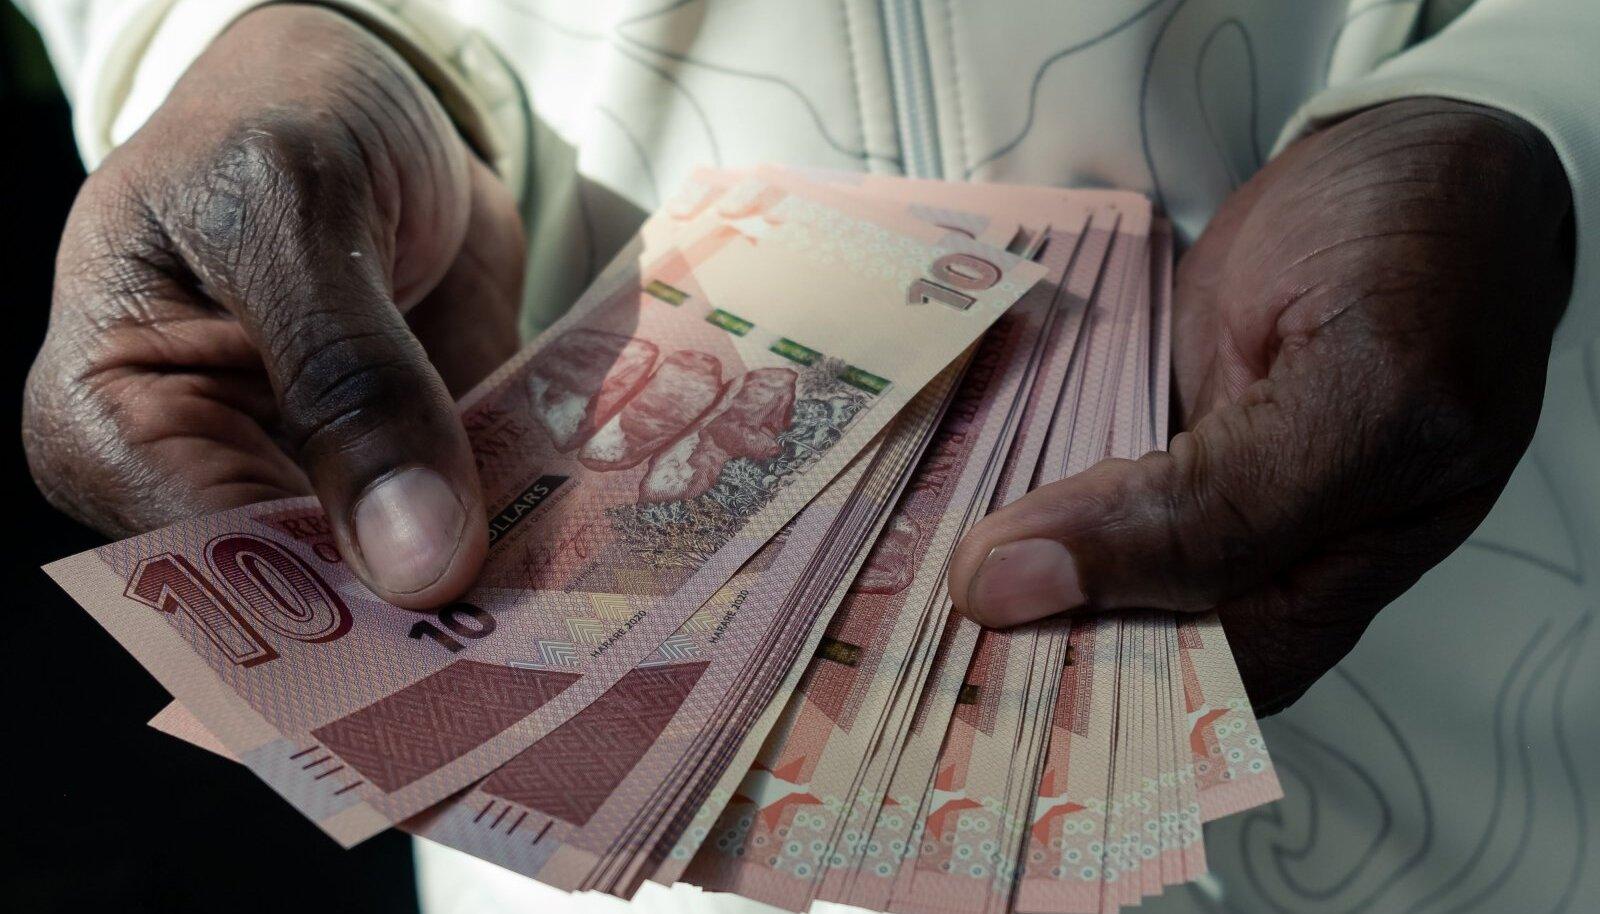 Zimbabwe dollarid